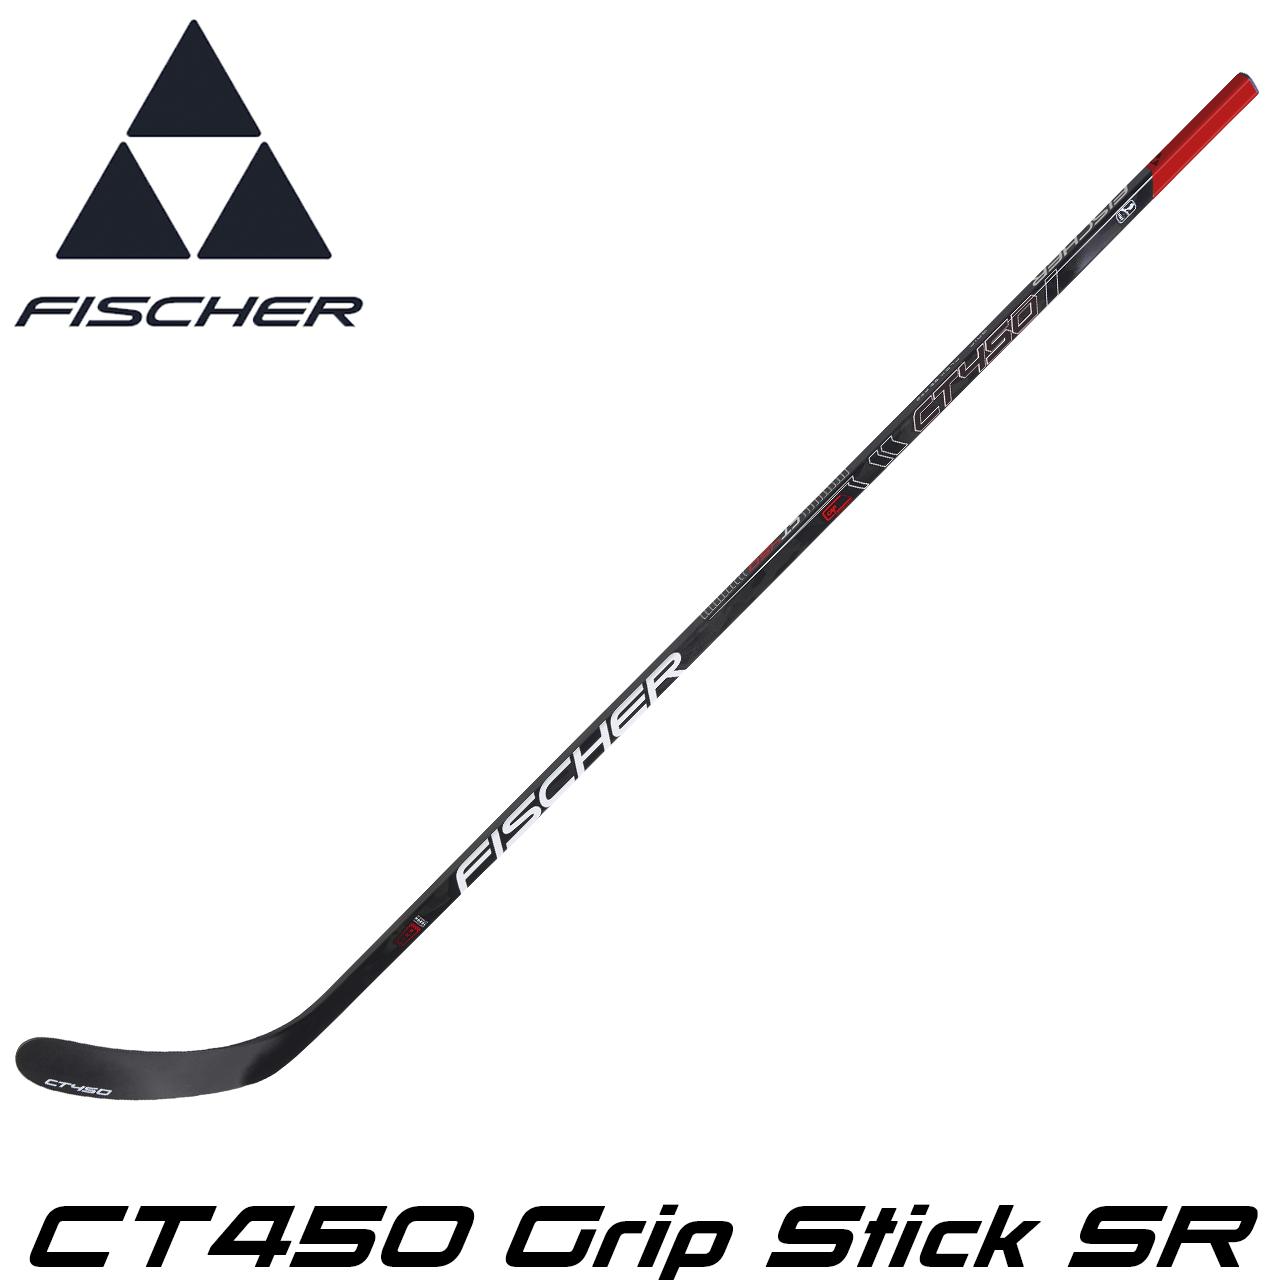 Клюшка хоккейная FISCHER CT450 Grip Stick SR